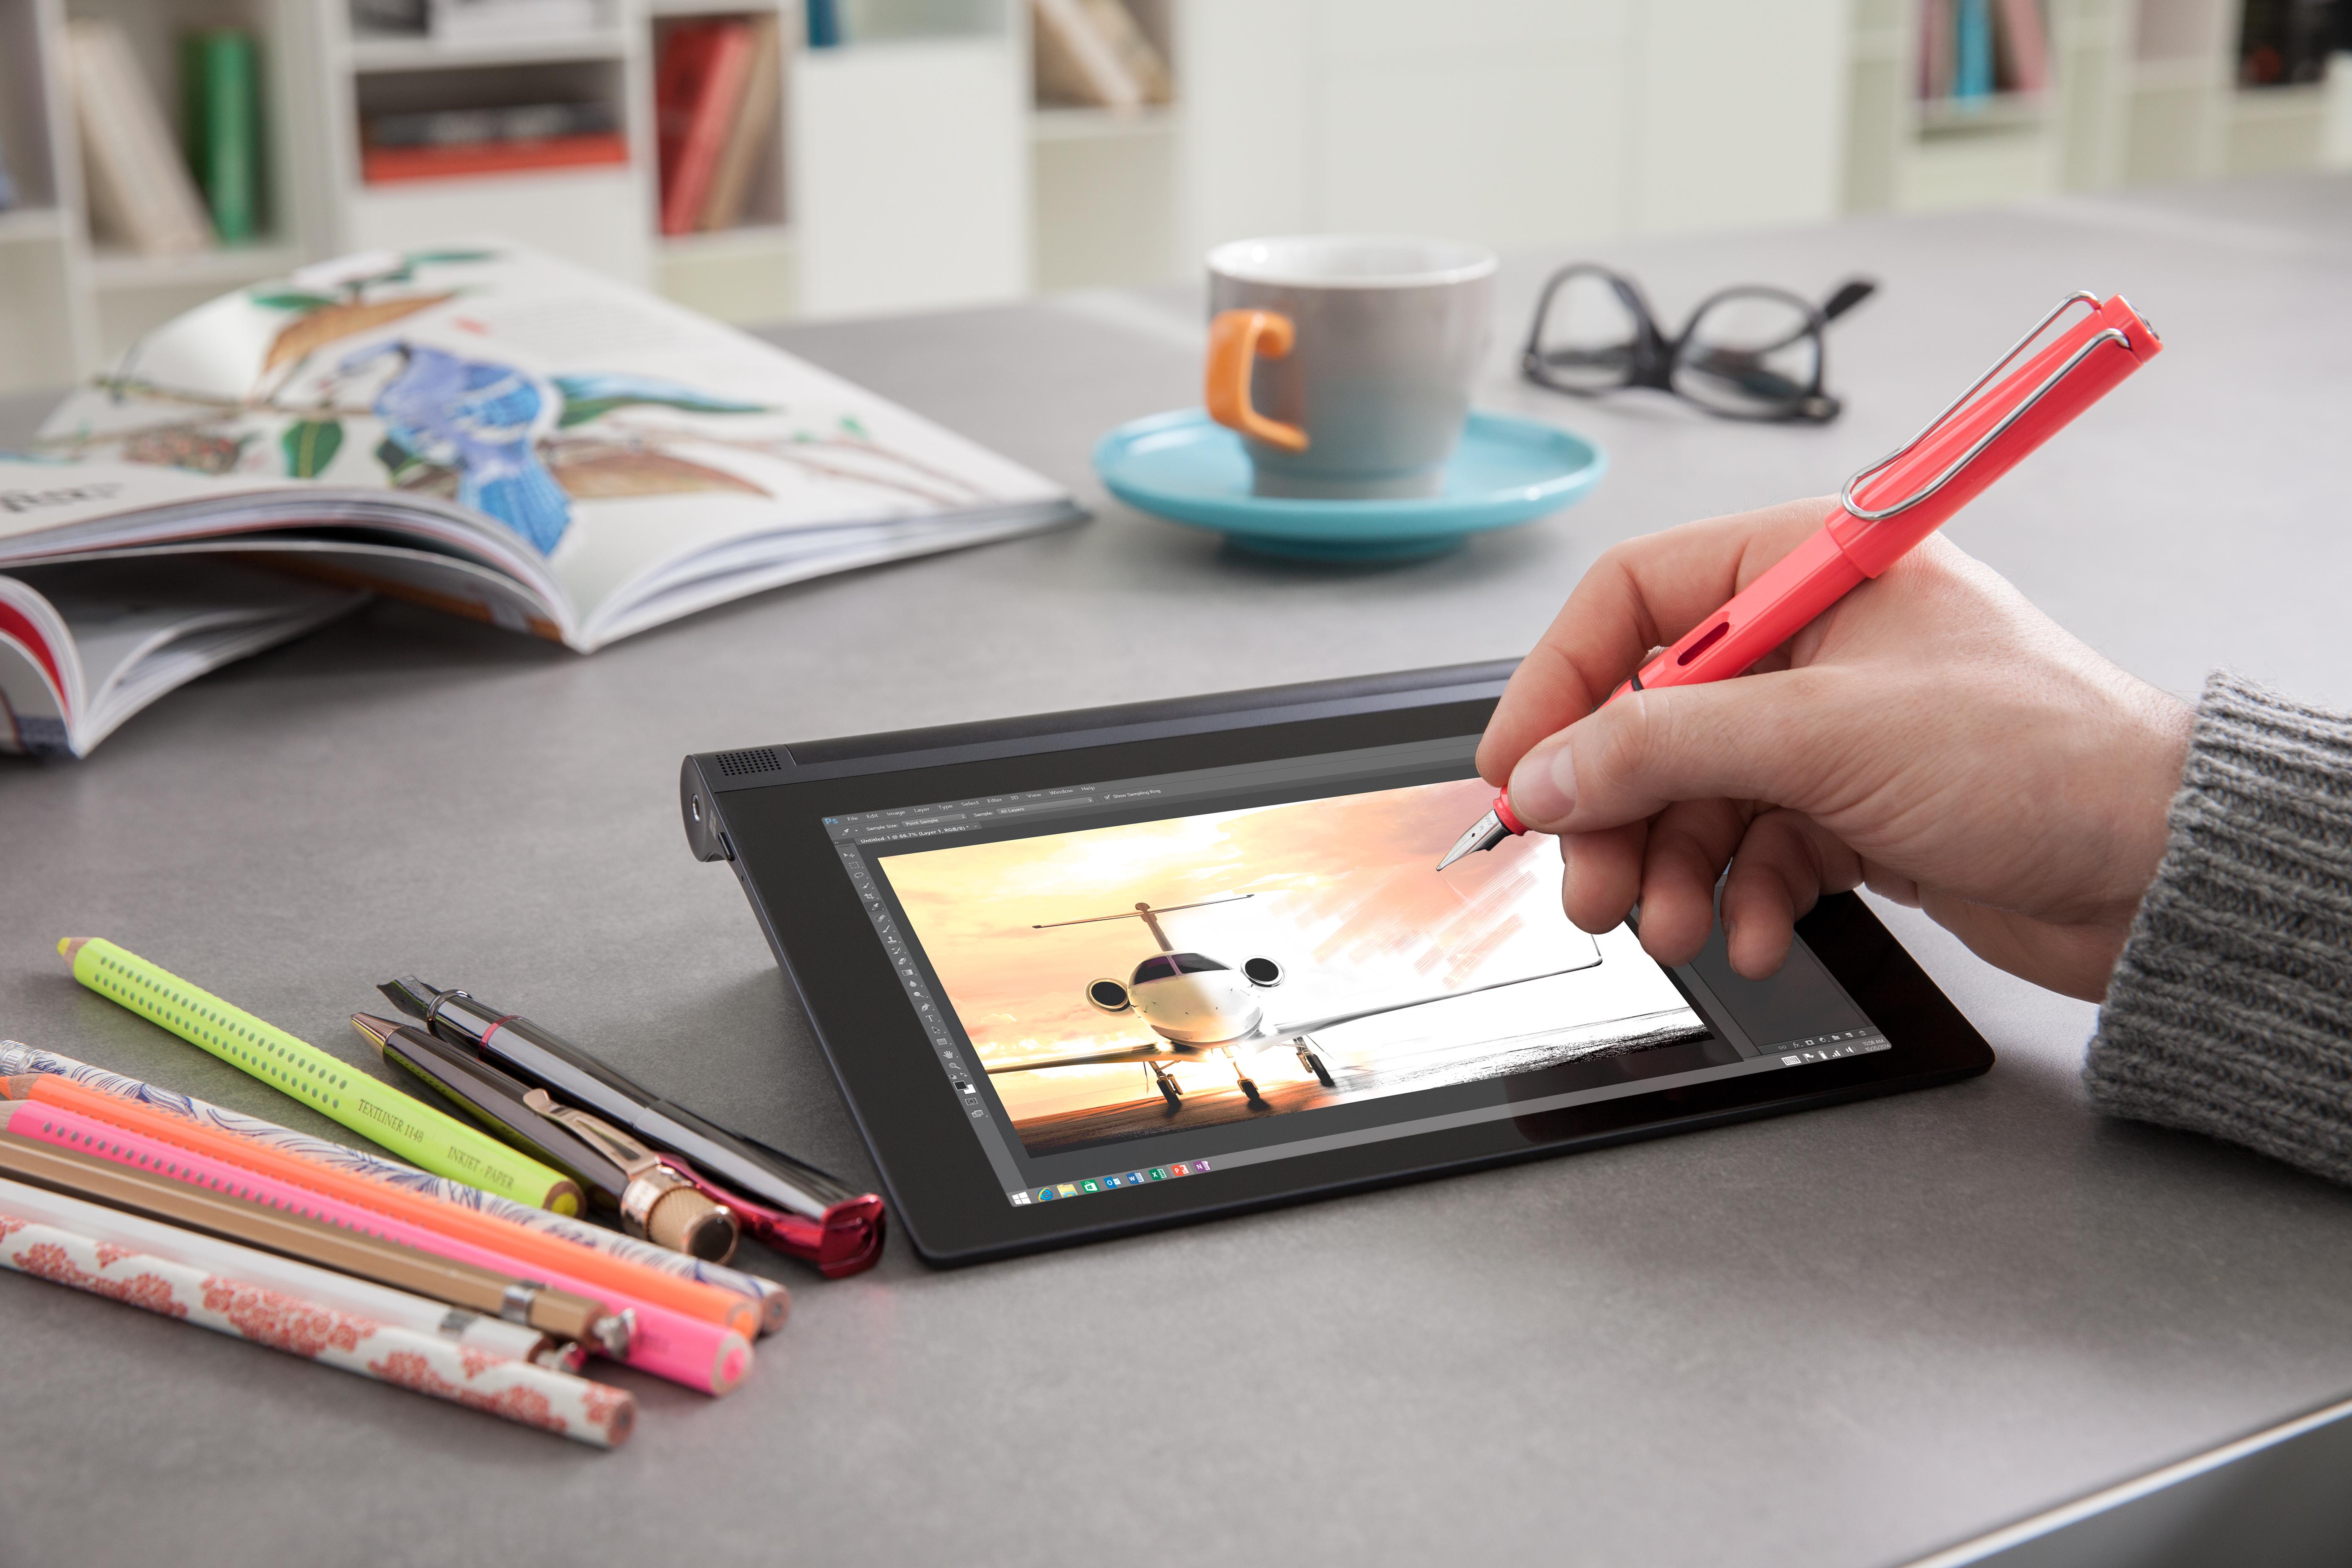 Lenovo-Tablet-2-8-inch